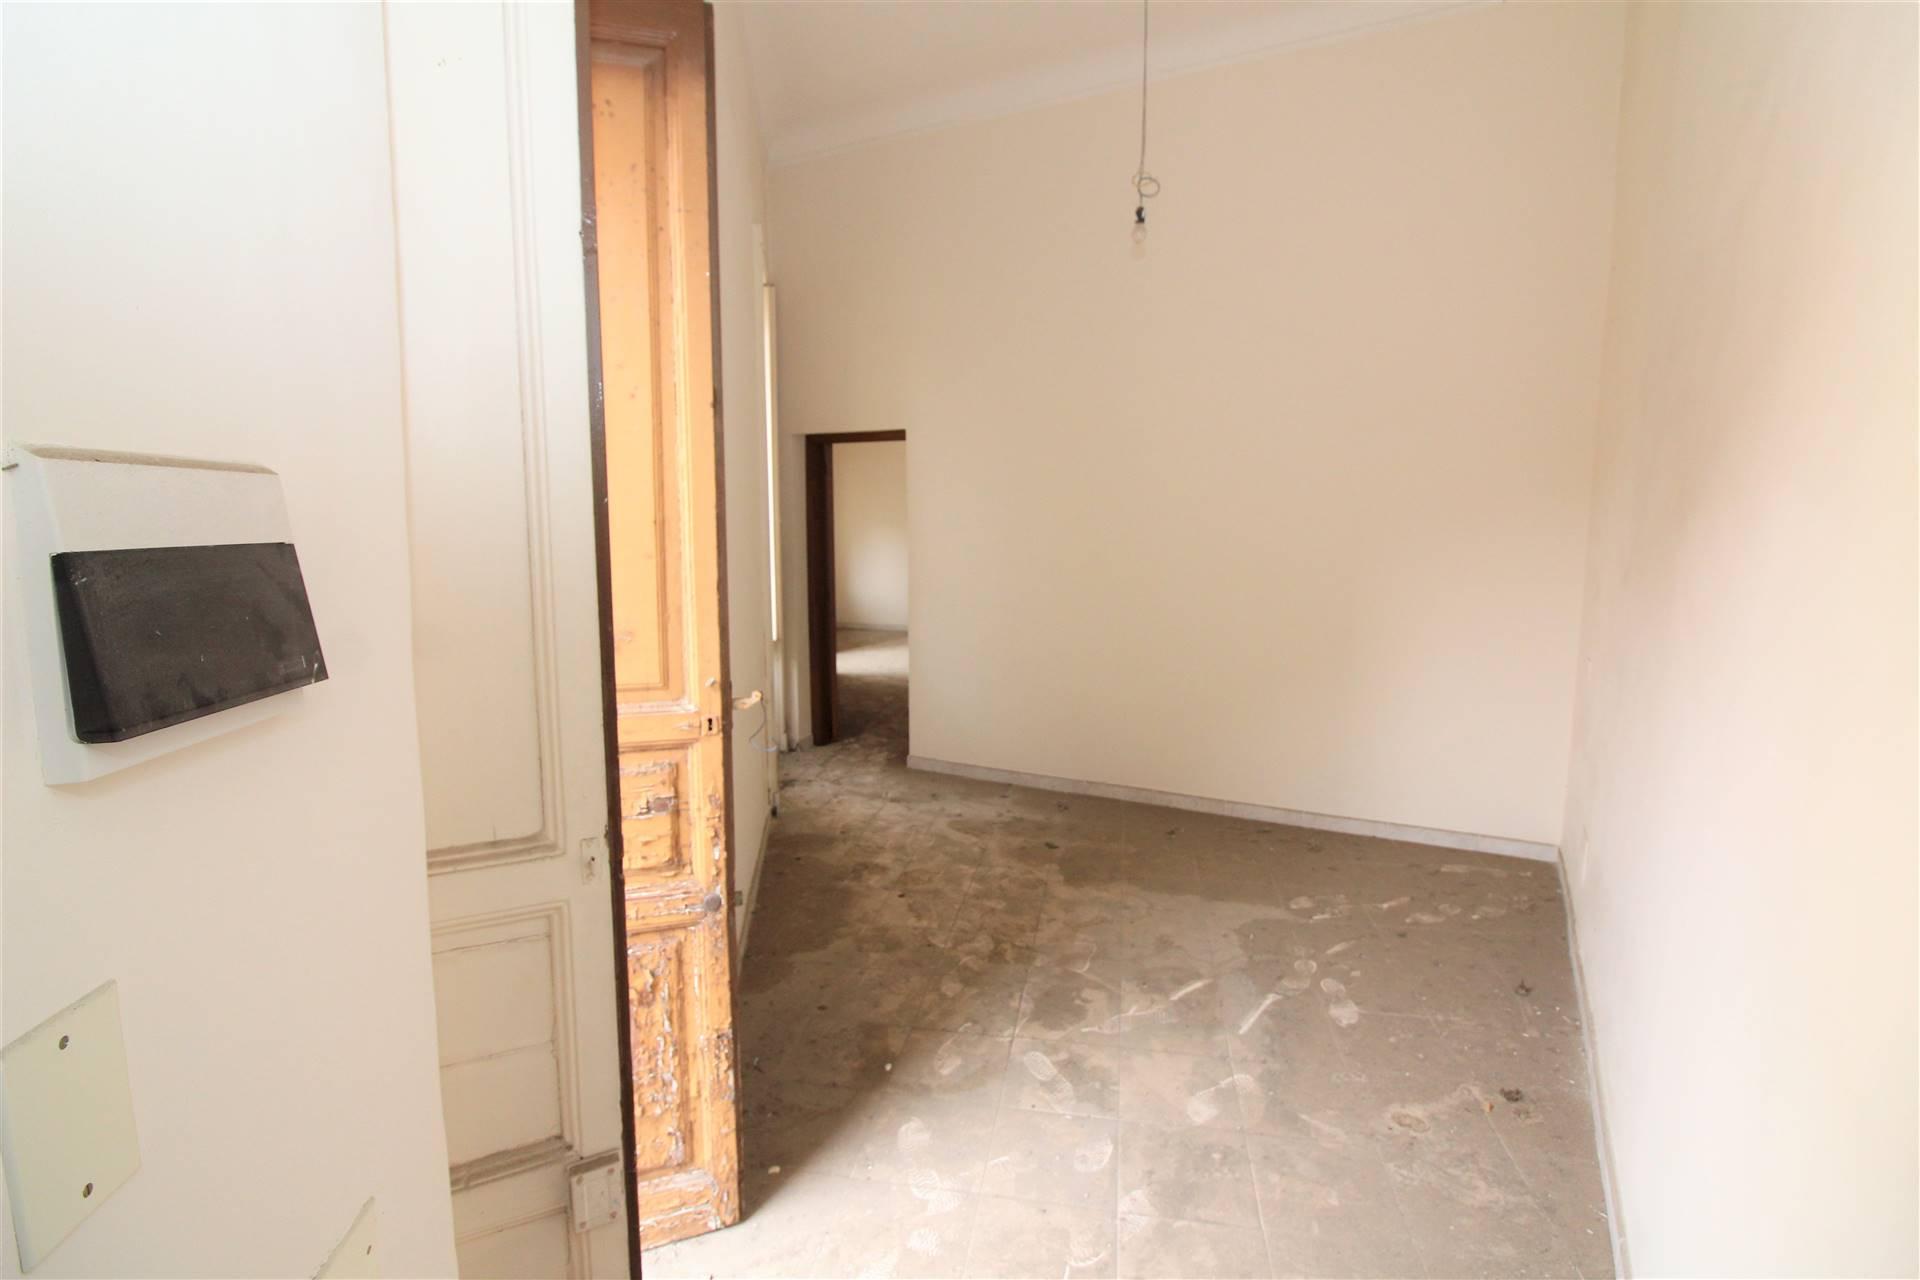 Soluzione Semindipendente in vendita a Lentini, 2 locali, zona Località: CENTRO, prezzo € 35.000 | CambioCasa.it